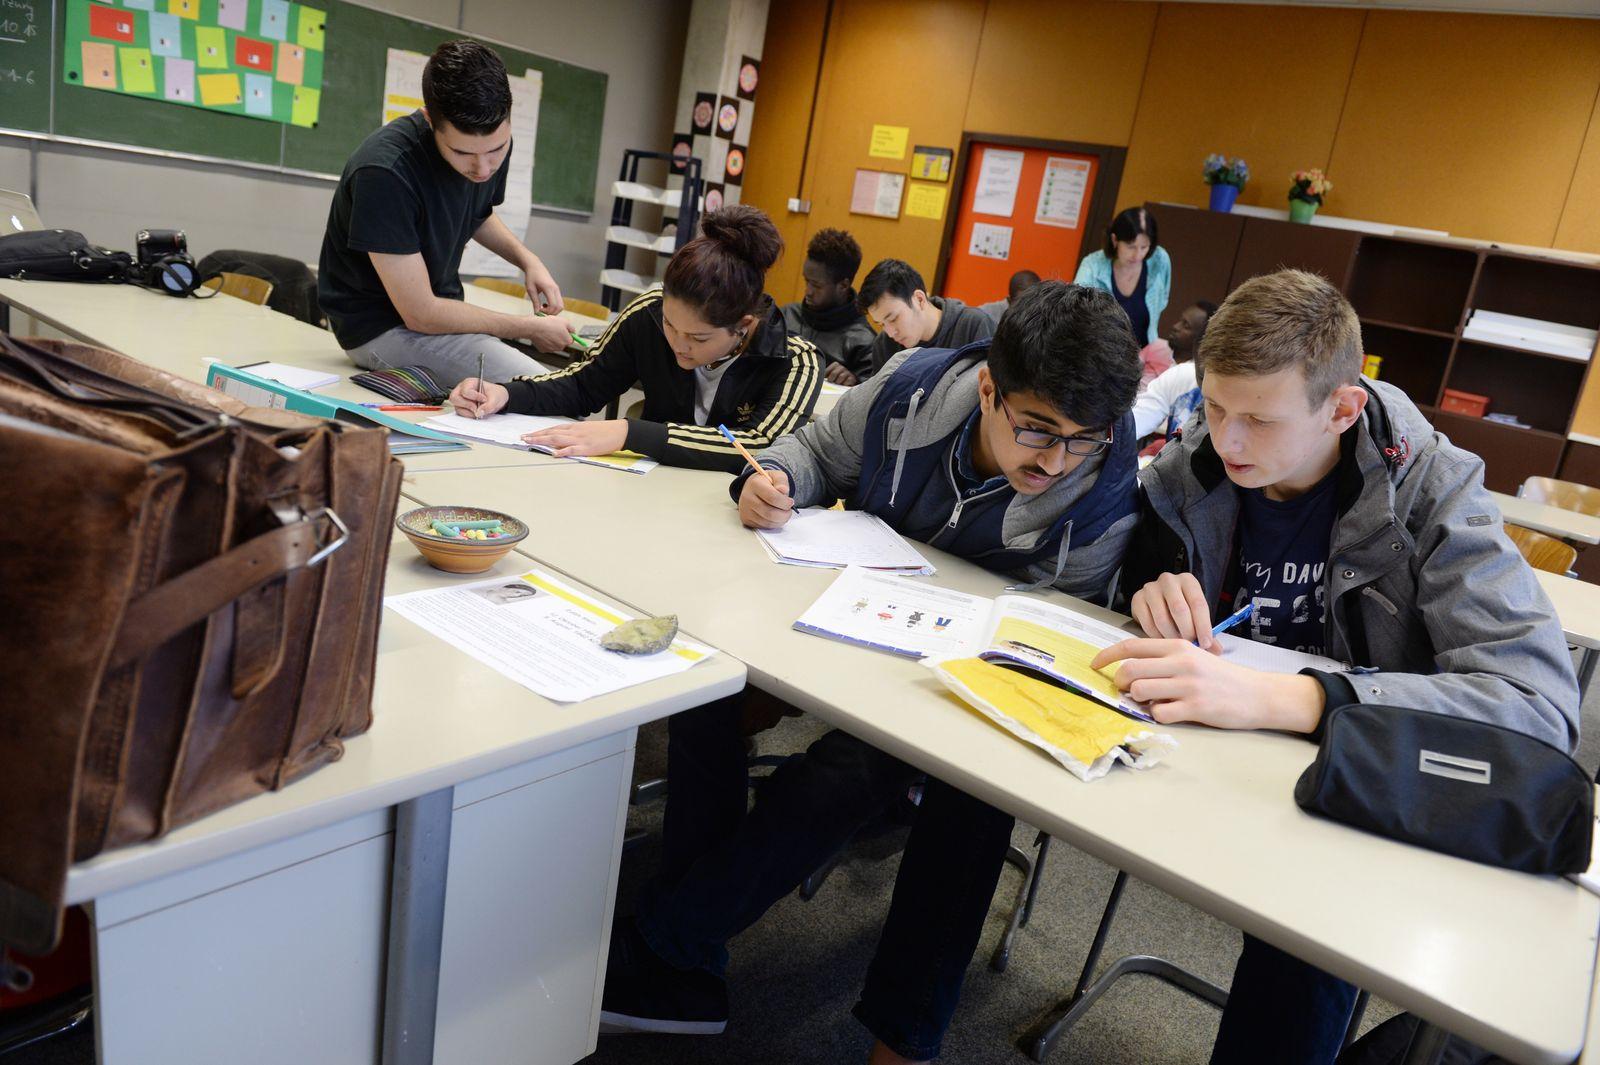 Schule / Flchtlinge / Migranten / Zuwanderer